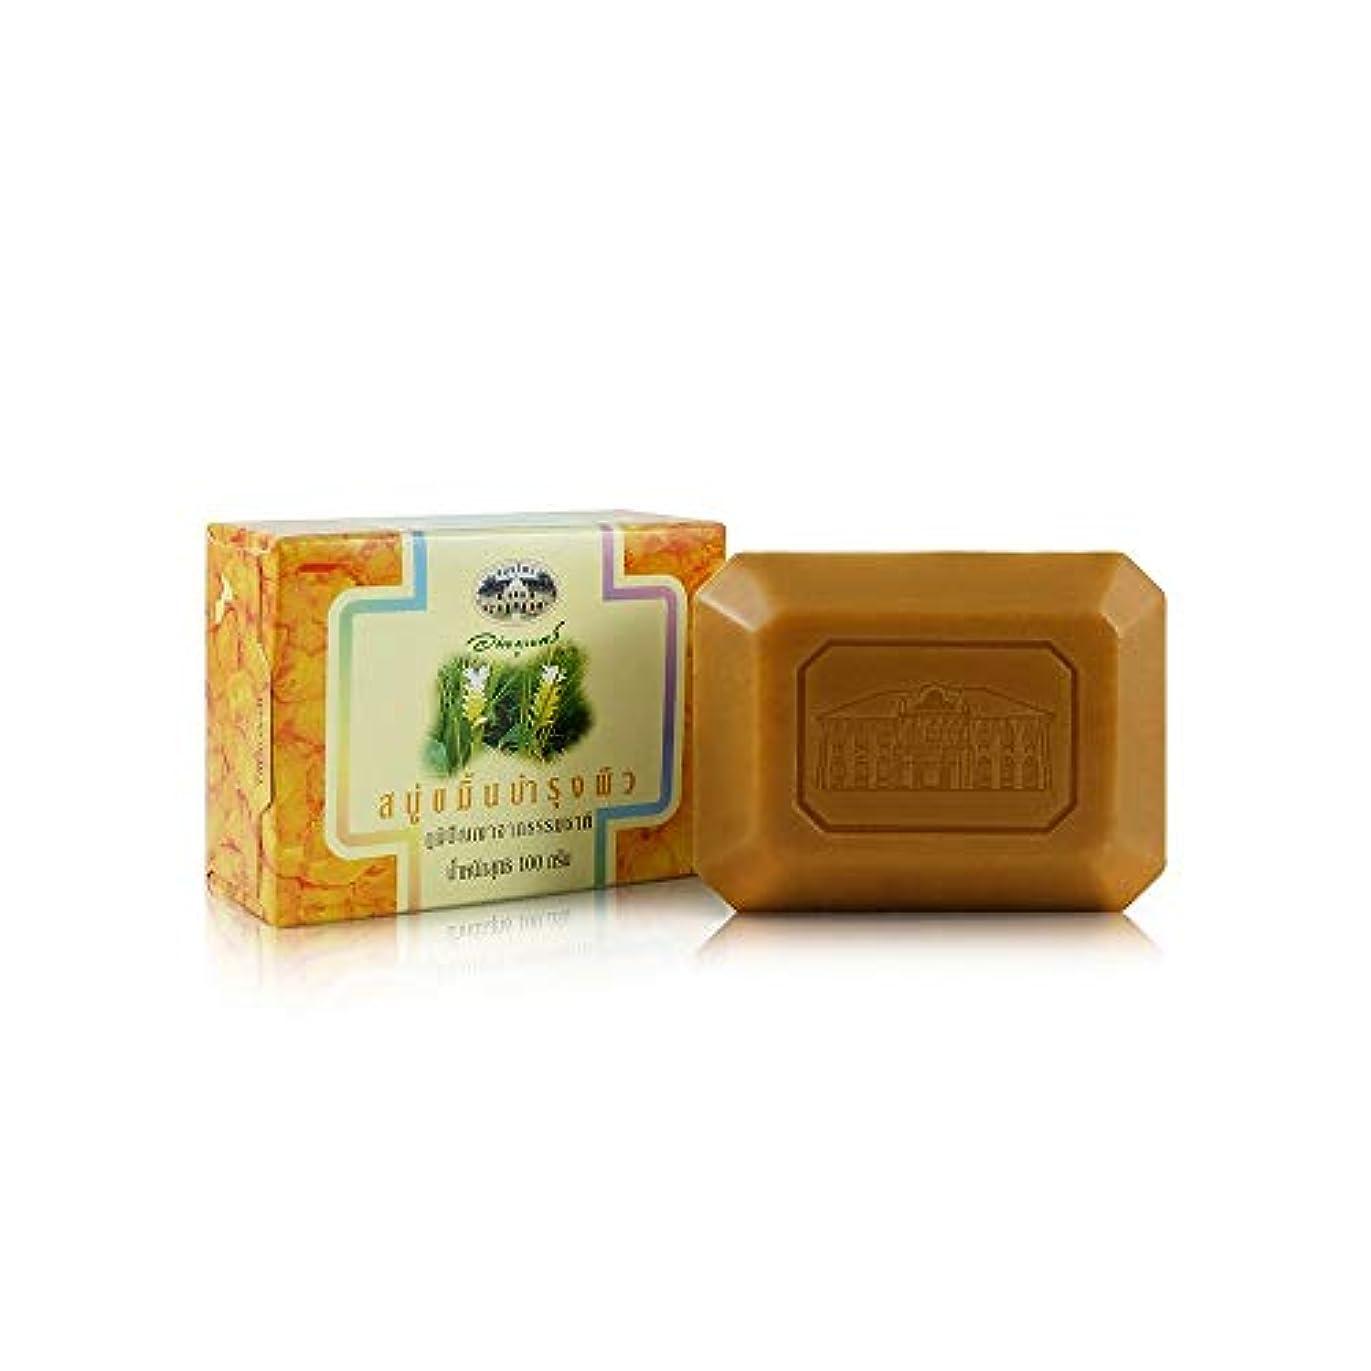 極小くまためにAbhaibhubejhr Turmeric Herbal Body Cleansing Soap 100g. Abhaibhubejhrターメリックハーブボディクレンジングソープ100グラム。